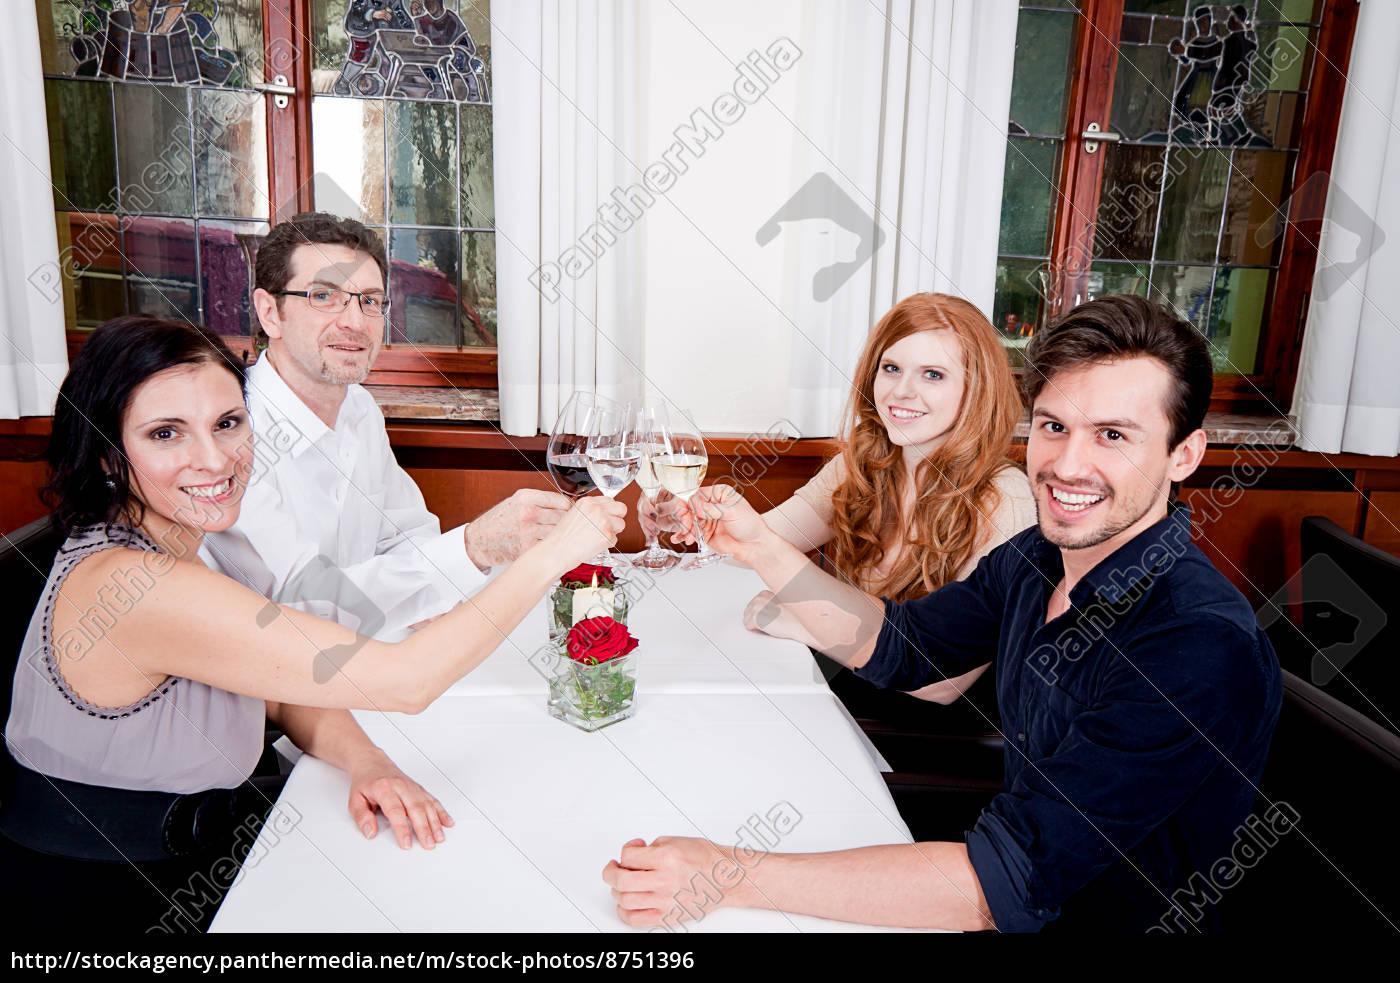 gemischte, gruppe, menschen, lachend, im, restaurant - 8751396